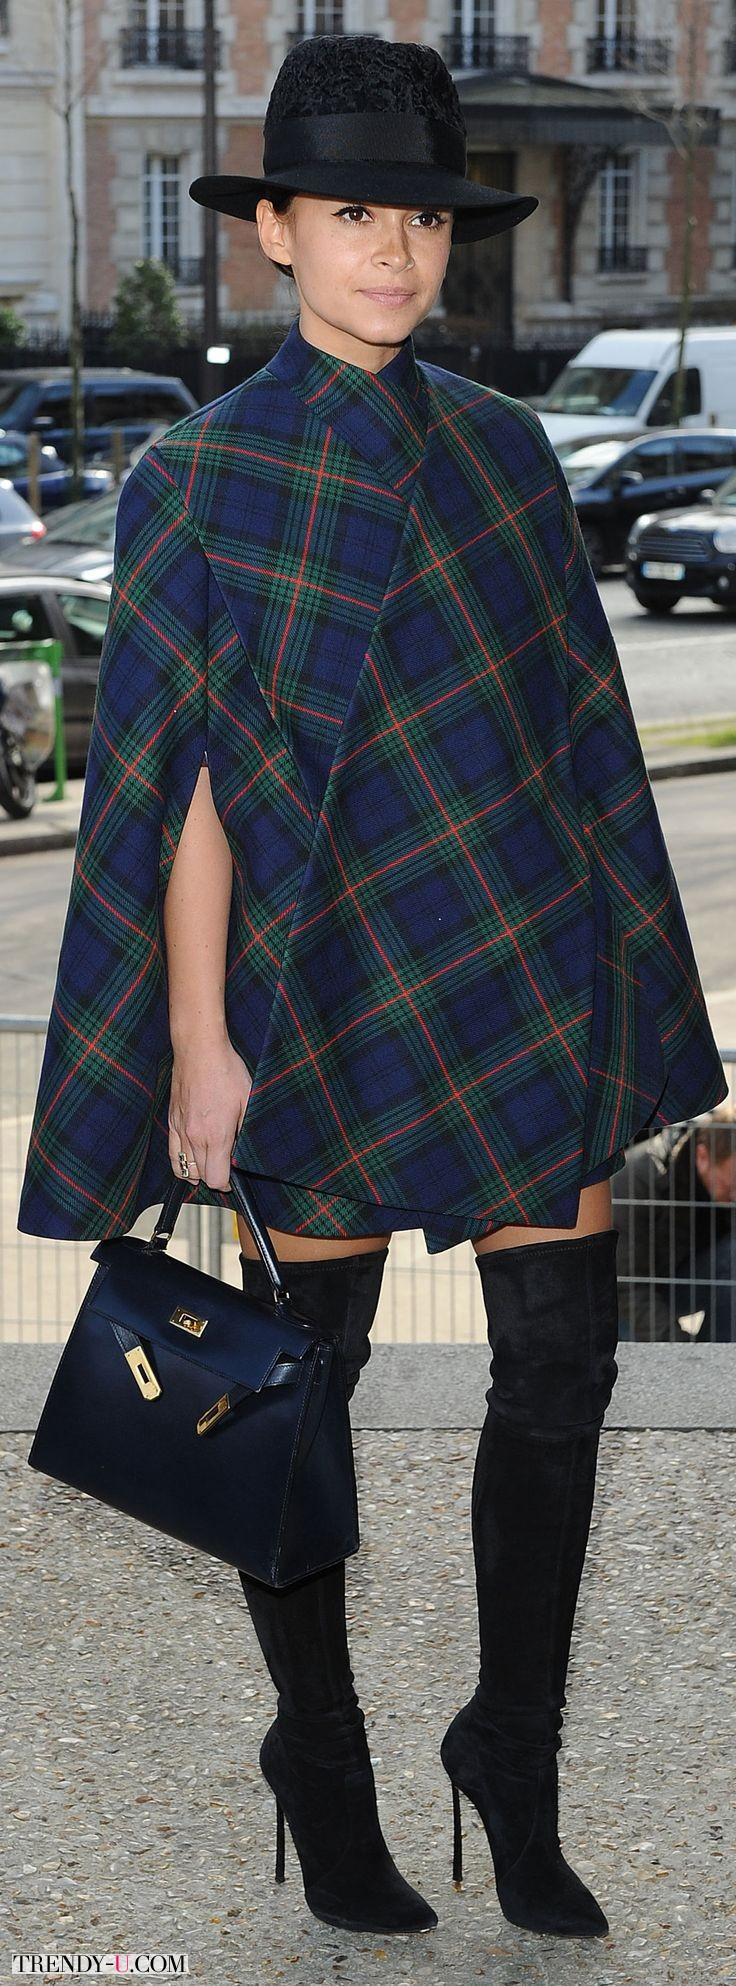 Мирослава Дума и ее пальто-кейп в шотландскую клетку